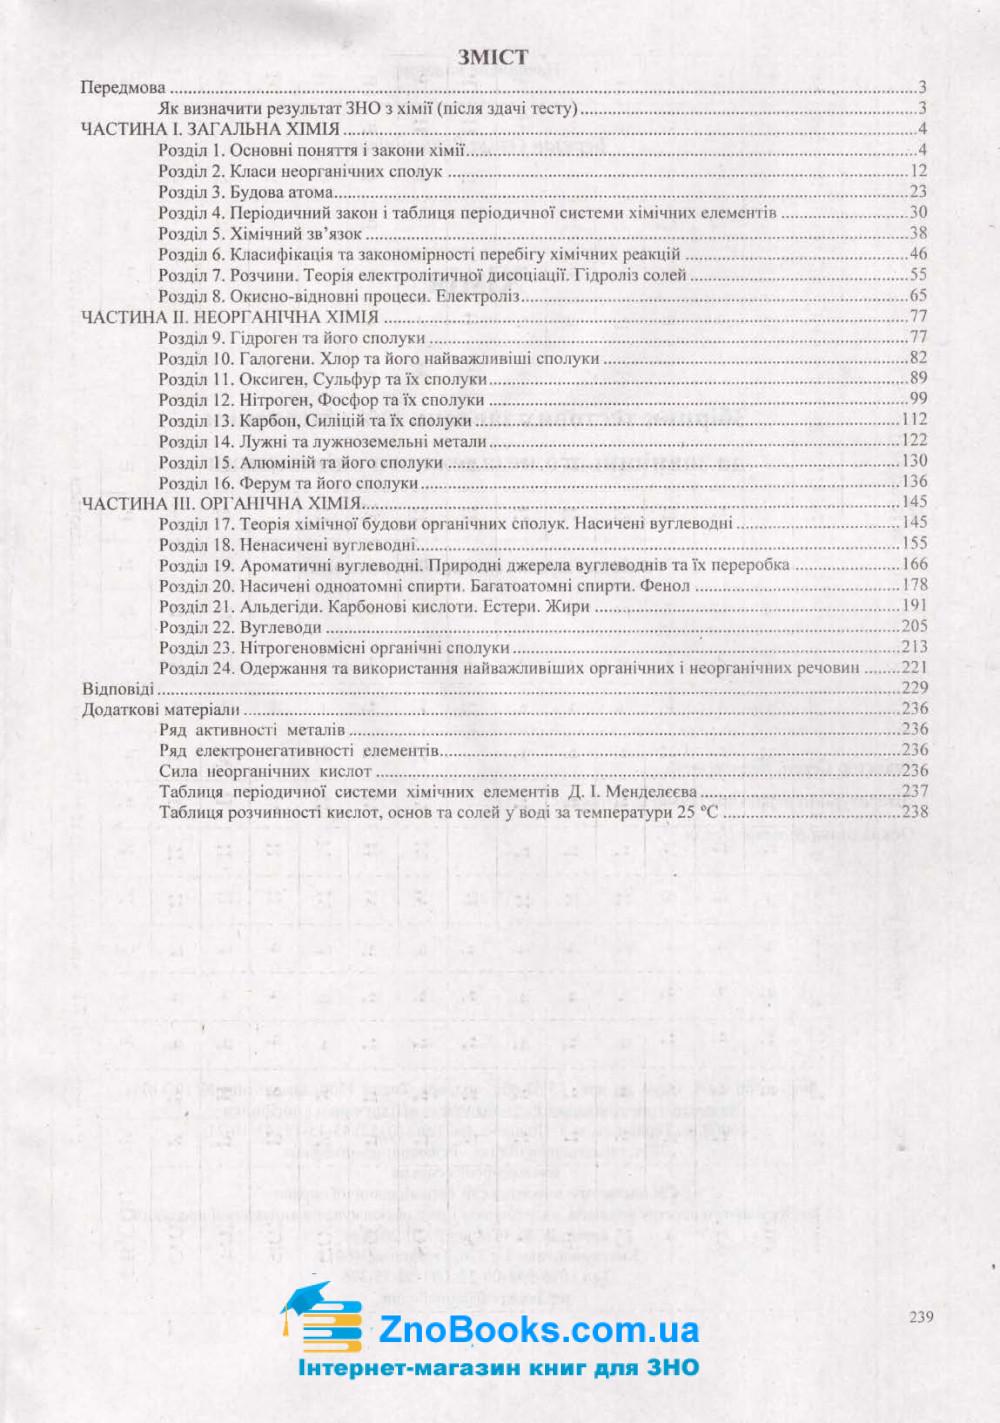 ЗНО 2020 Хімія. Збірник тестів : Березан О. Підручники і посібники. купити 8